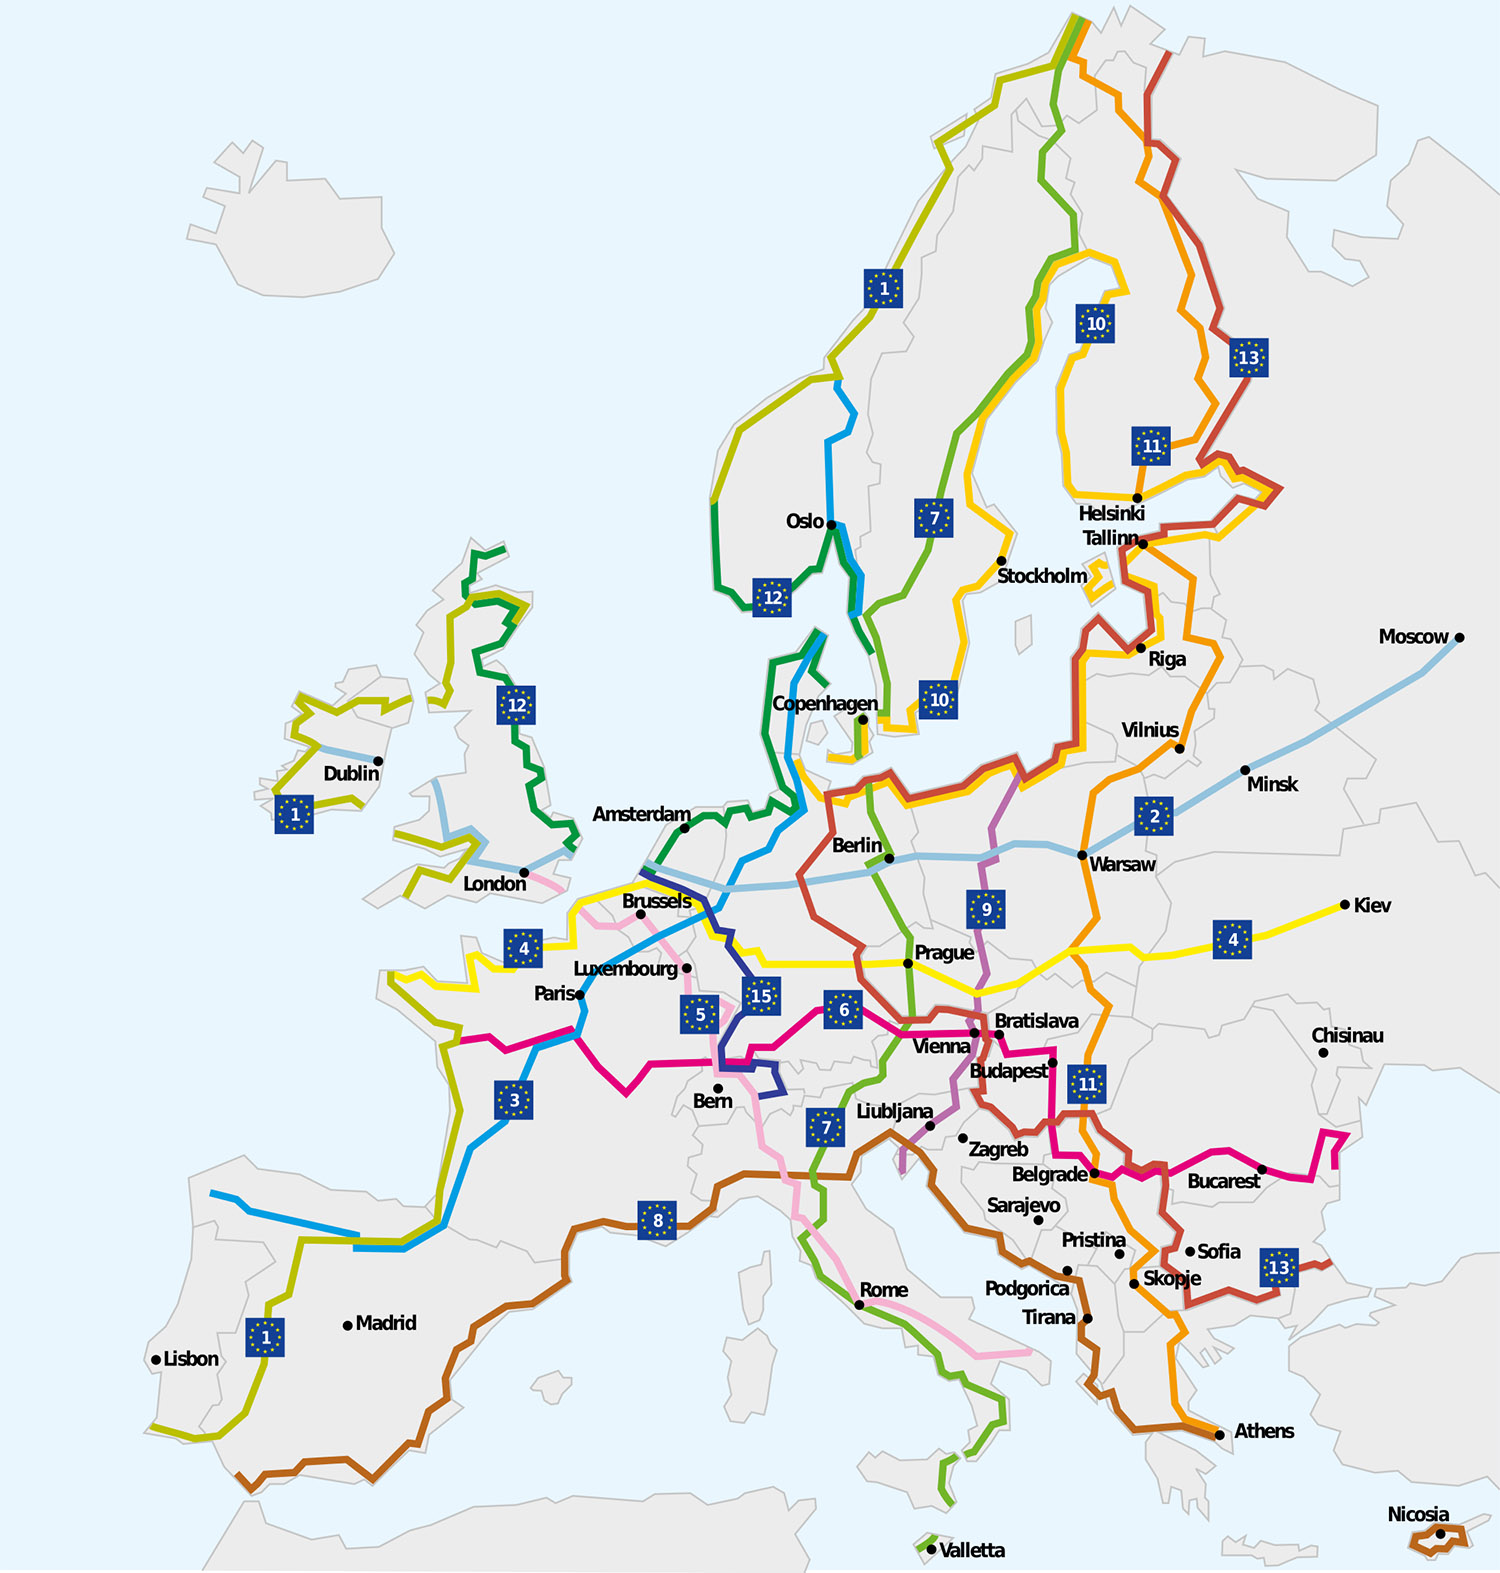 Eurovelo Avrupa Bisiklet Rotaları Ağı Haritası